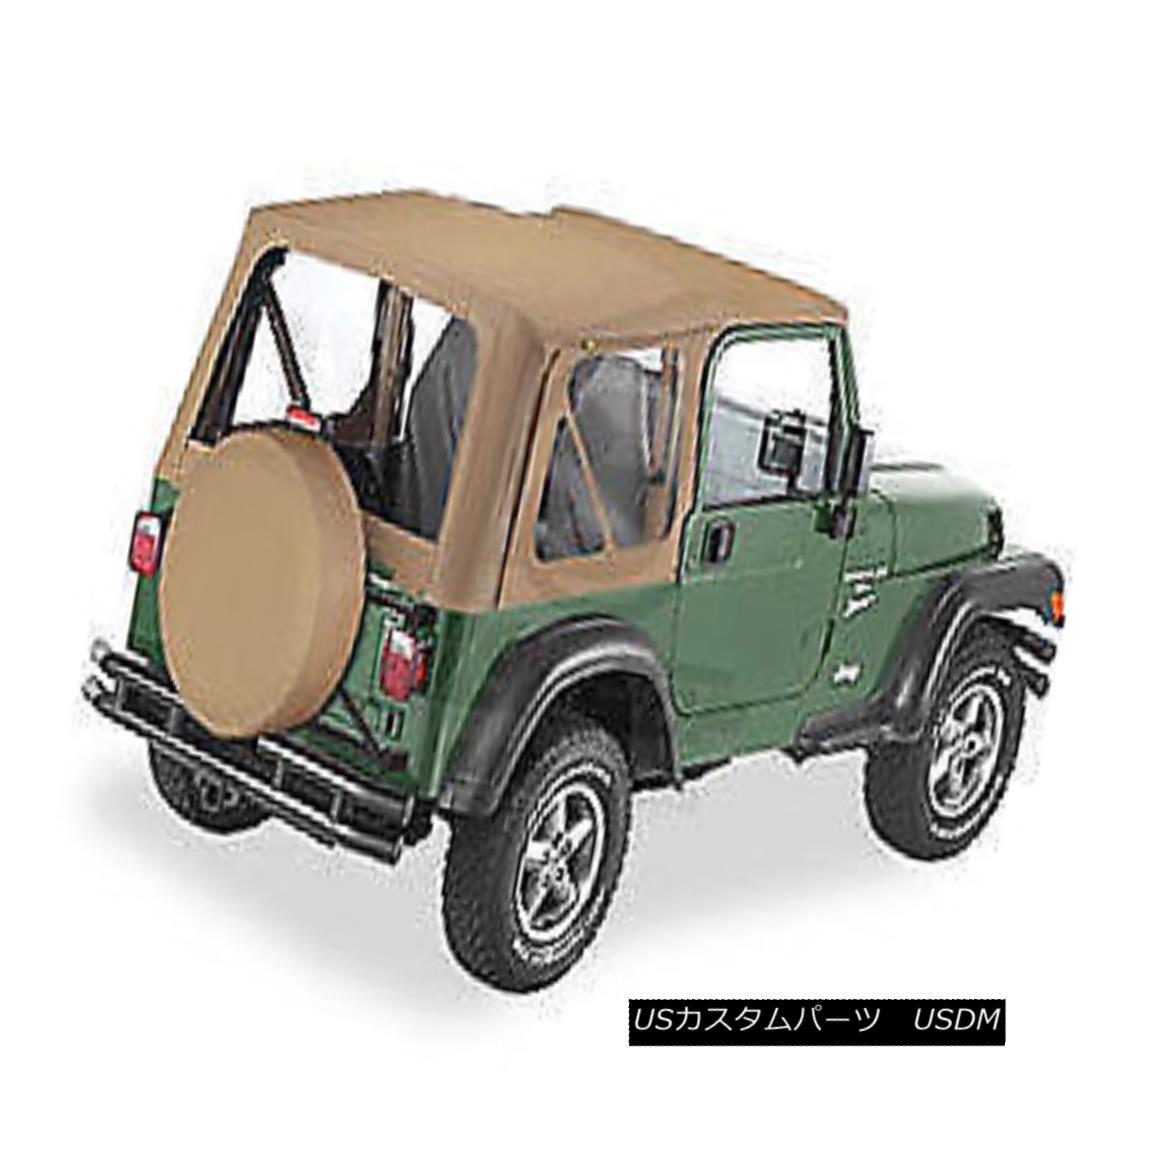 幌・ソフトトップ Bestop Replace A Top 97-02 Jeep Wrangler TJ Clear Windows Spice Bestopを交換するトップ97-02ジープラングラーTJクリアWindowsスパイス